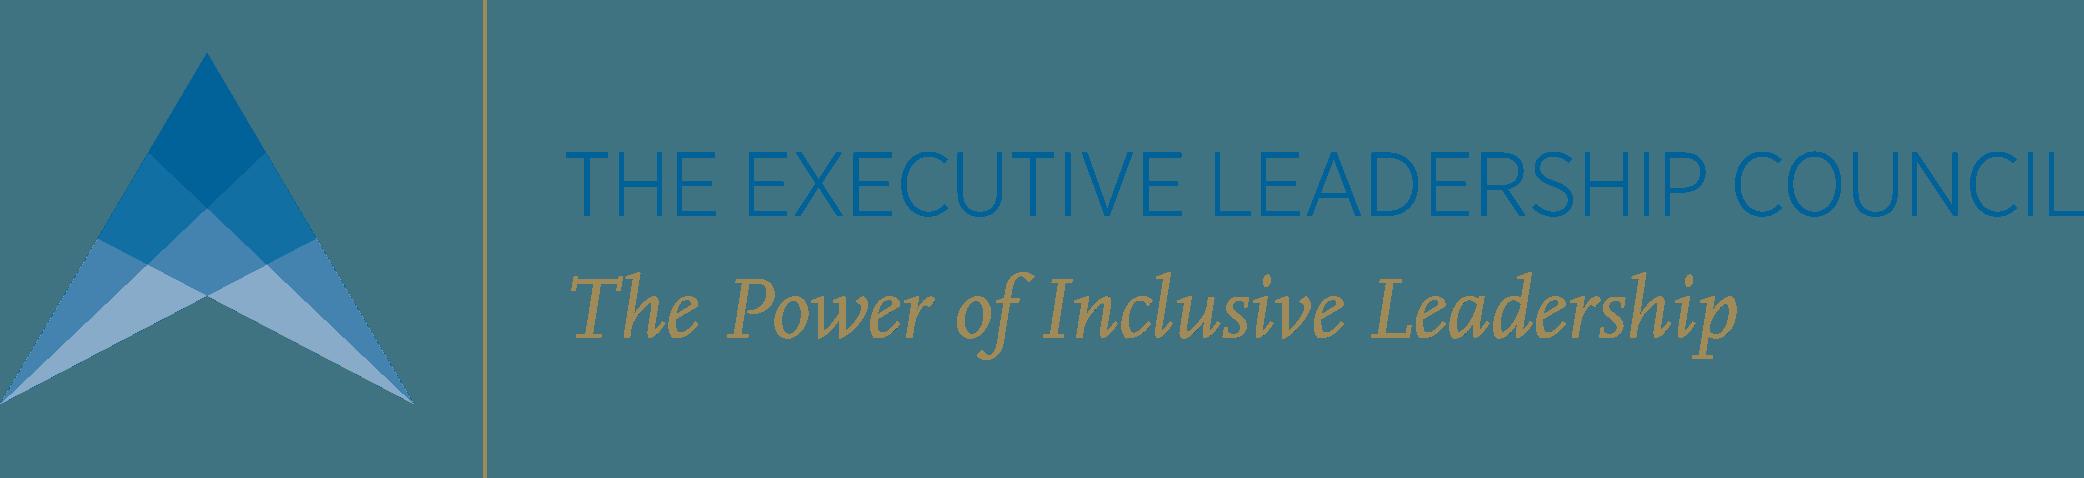 The Executive Leadership Council